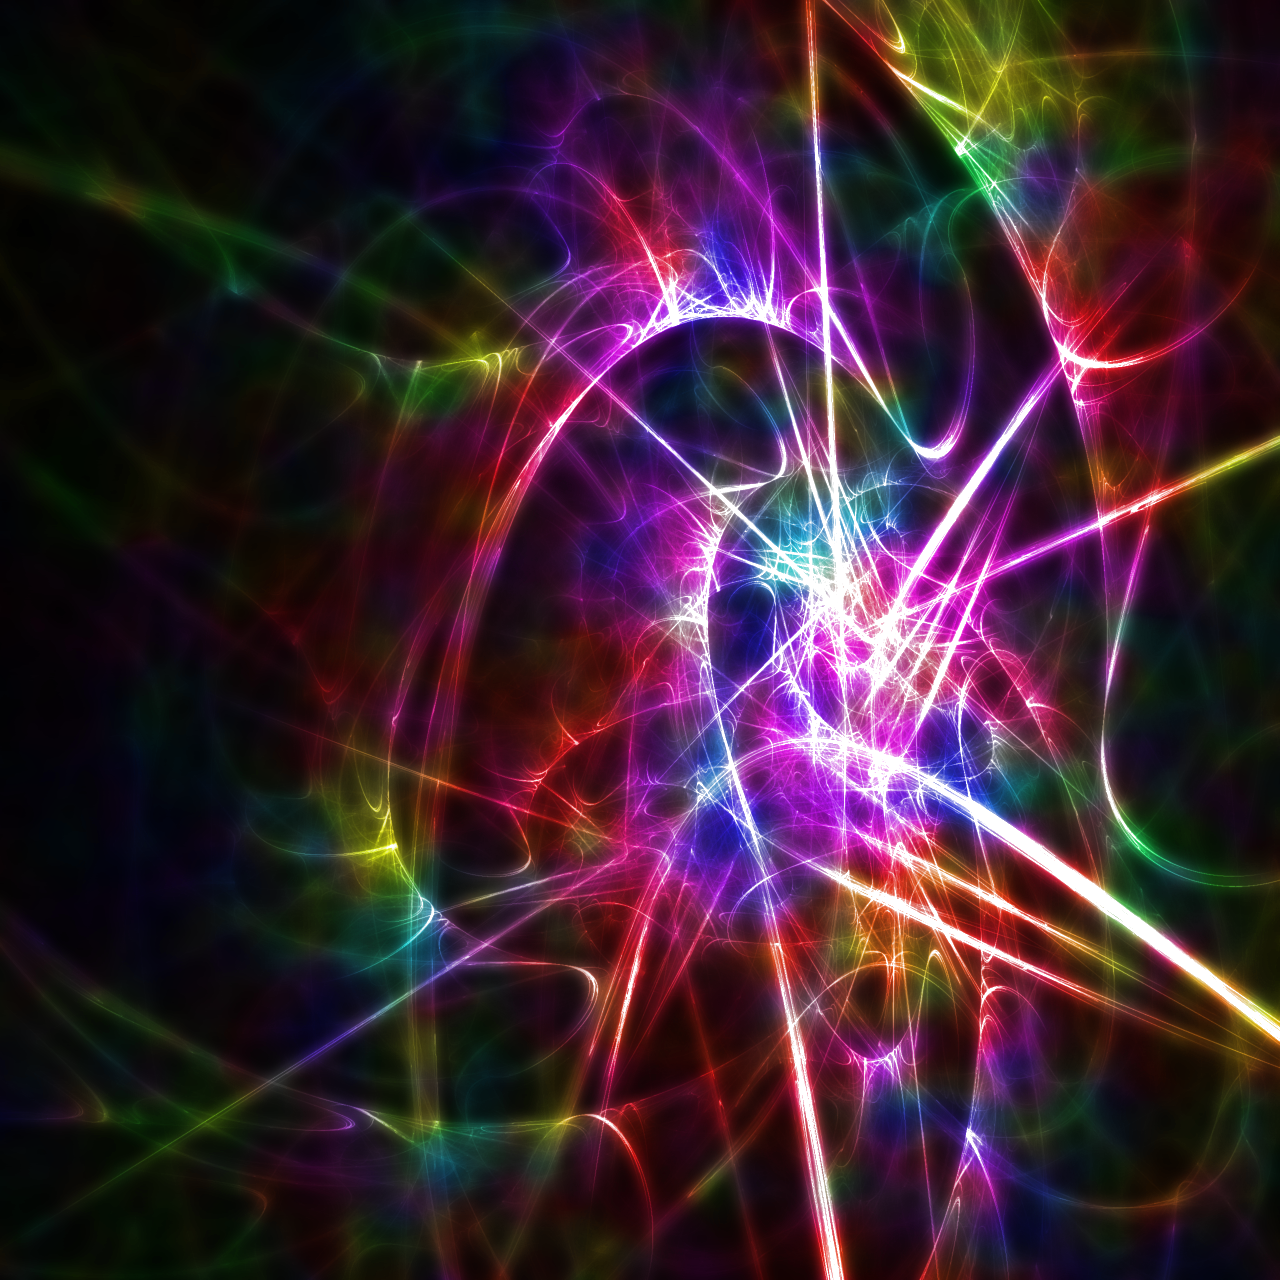 New Glow by huntercobb